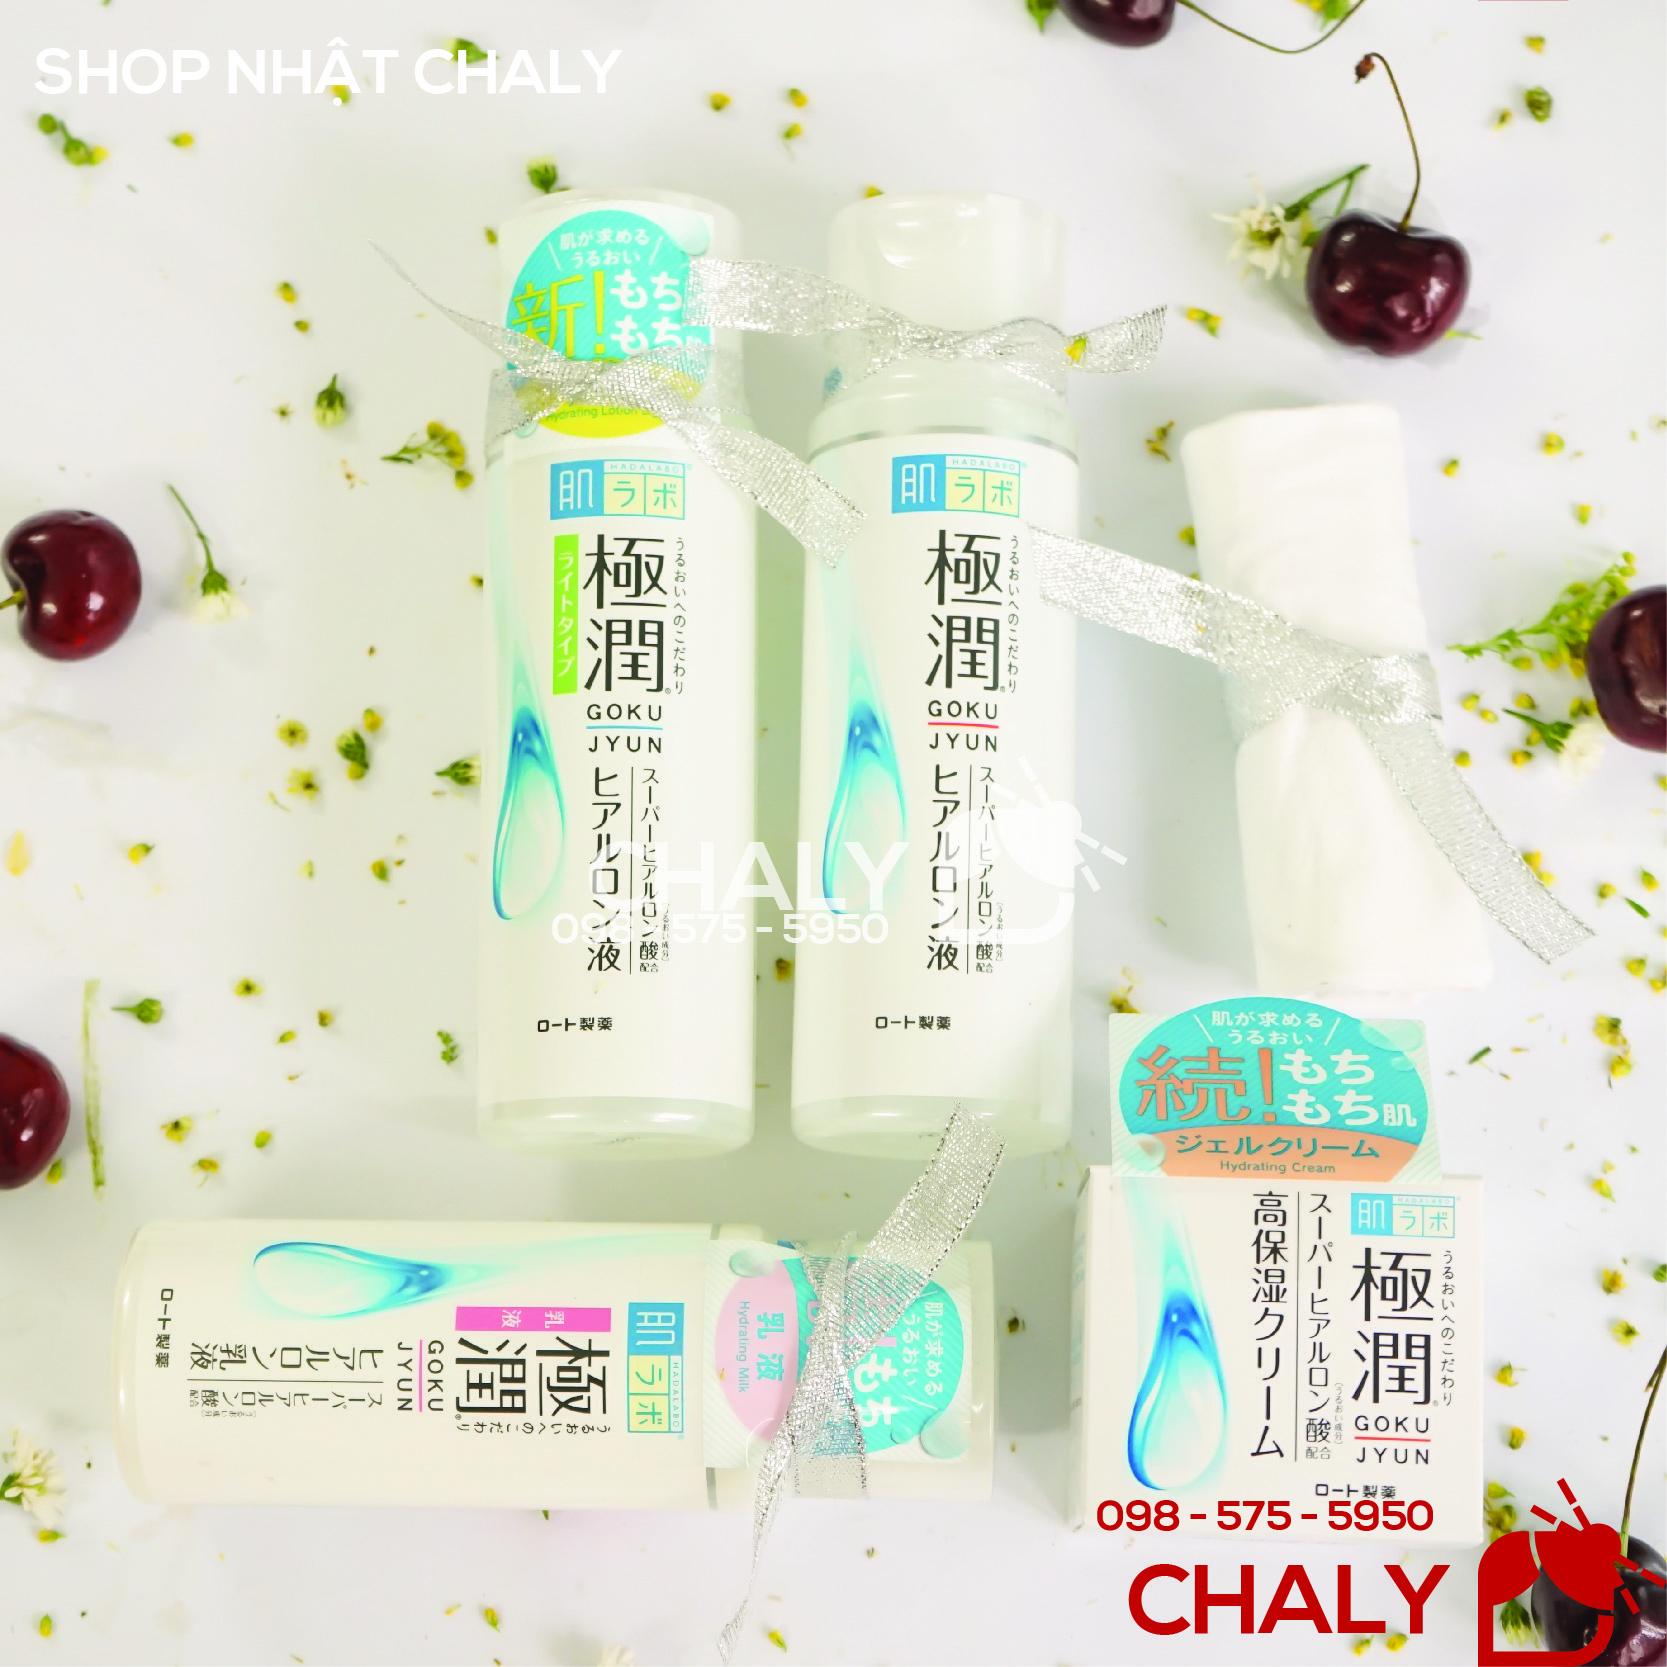 Nguyên bộ sản phẩm dưỡng da, cấp ẩm không cồn, không hương liệu cực kỳ lành tính, an toàn cho bà bầu của Hada Labo Nhật Bản